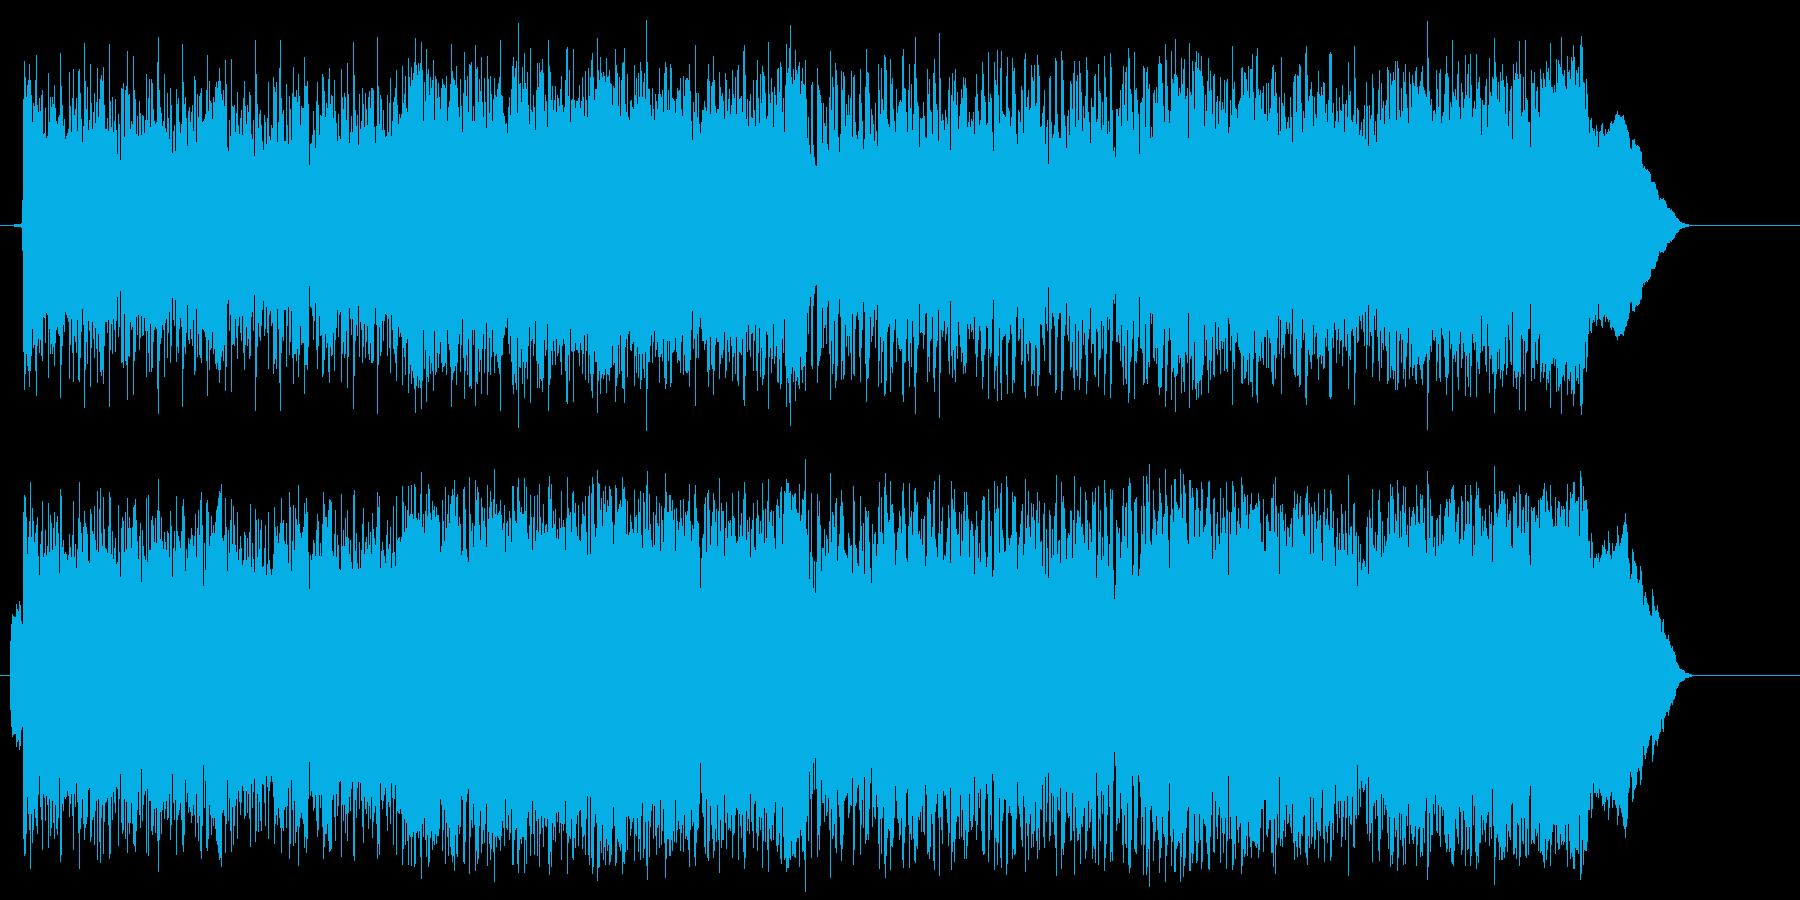 力強い スピード スリル 激しい 躍動の再生済みの波形